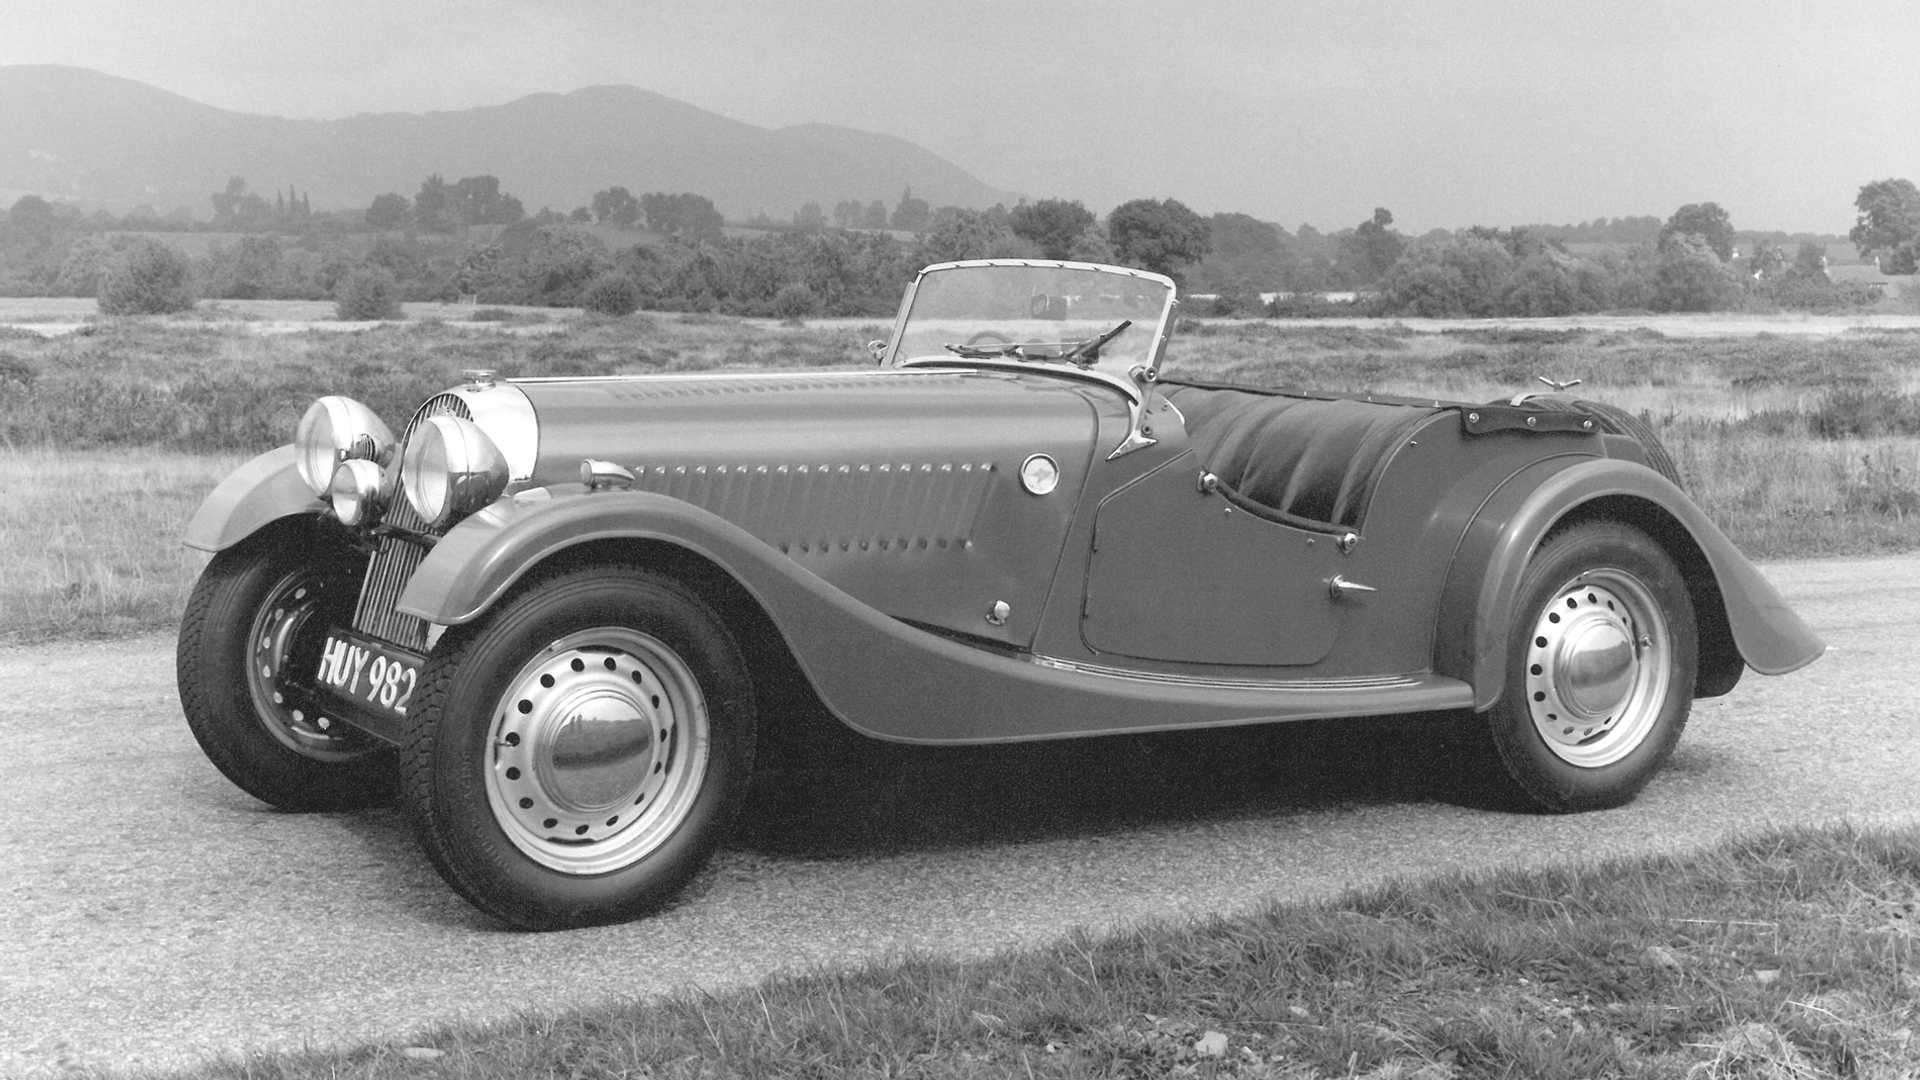 Morgan Plus 4 Prototipo (1950)